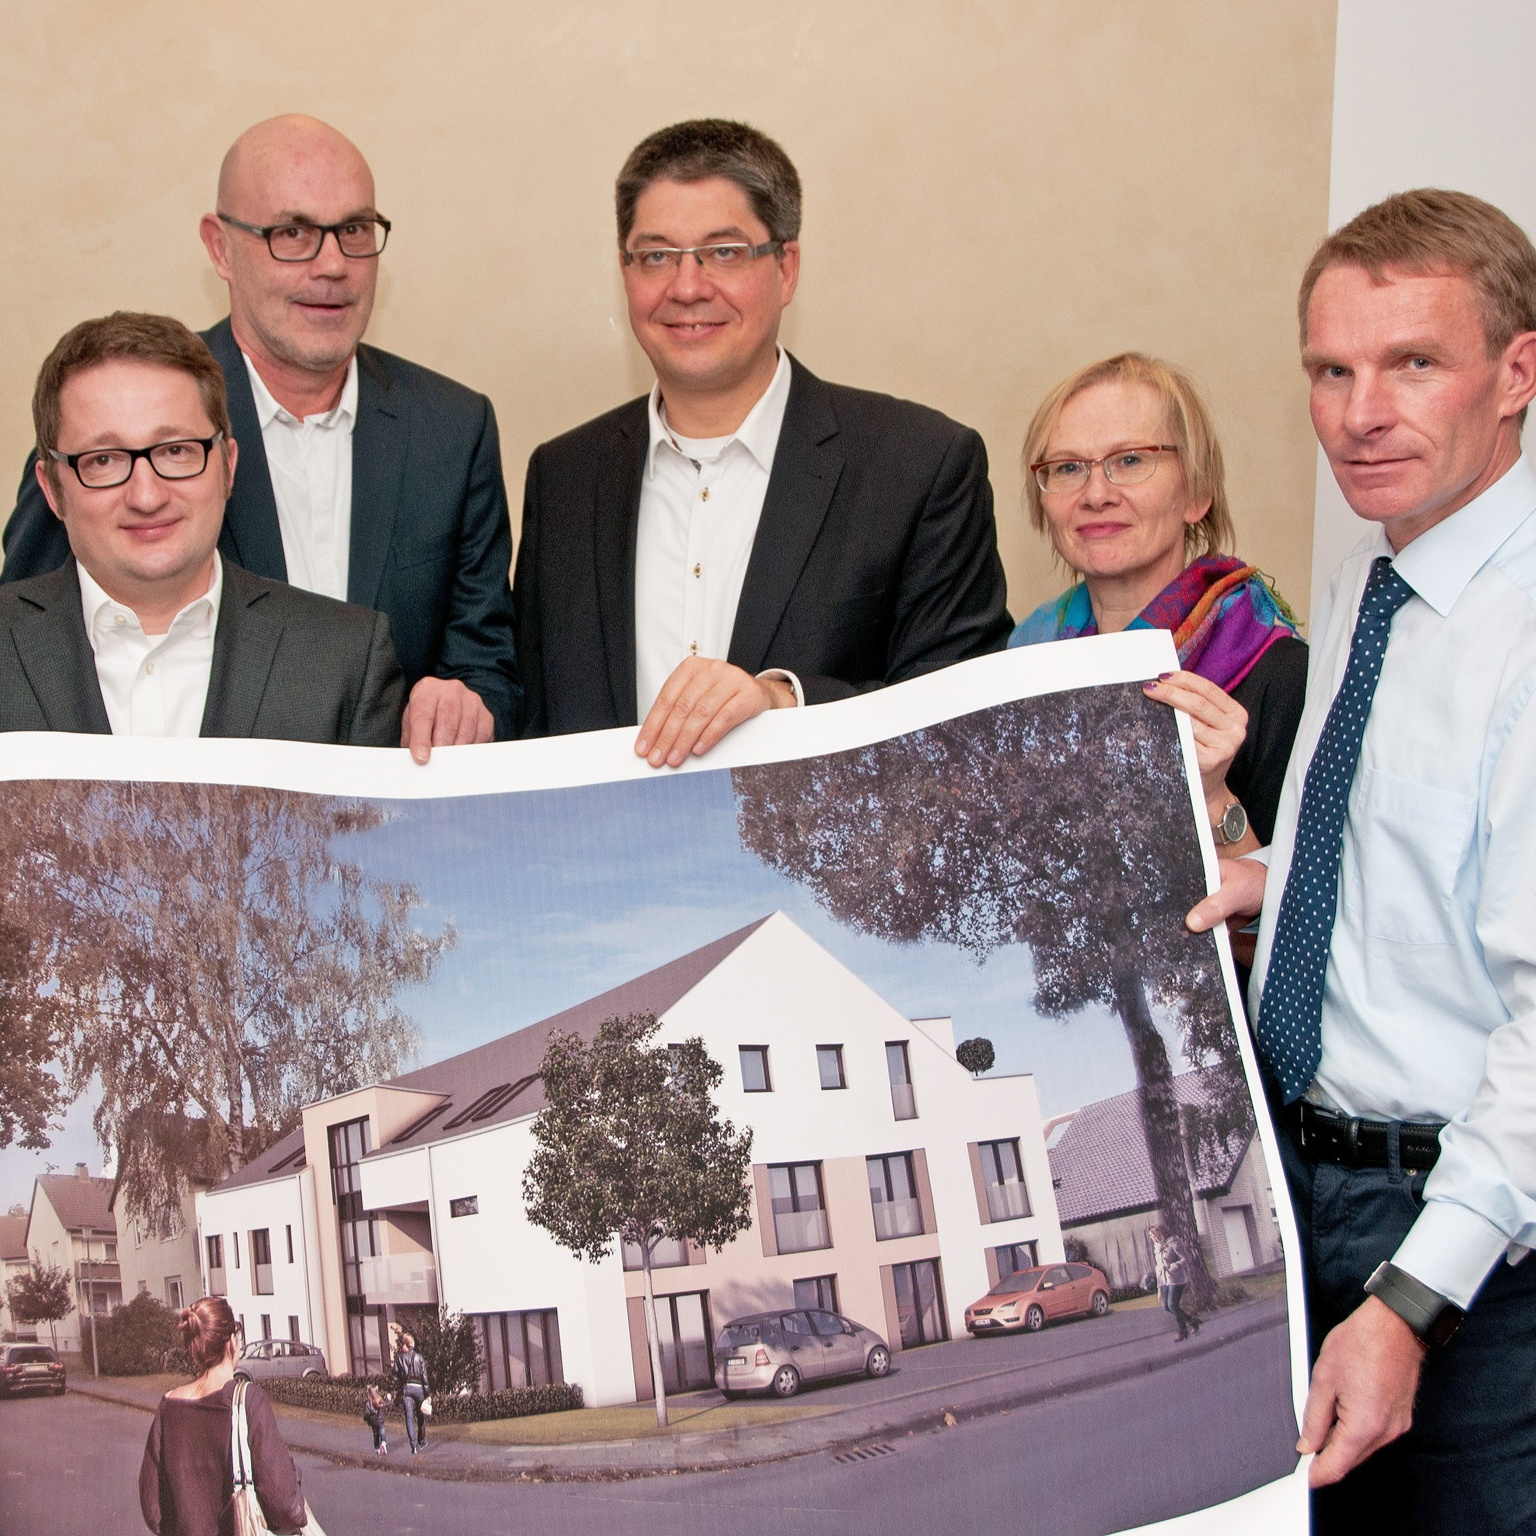 Spar- und Bauverein investiert 2,5 Mio. Euro KOOPERATIONSPROJEKT mit Diakovita GmbH